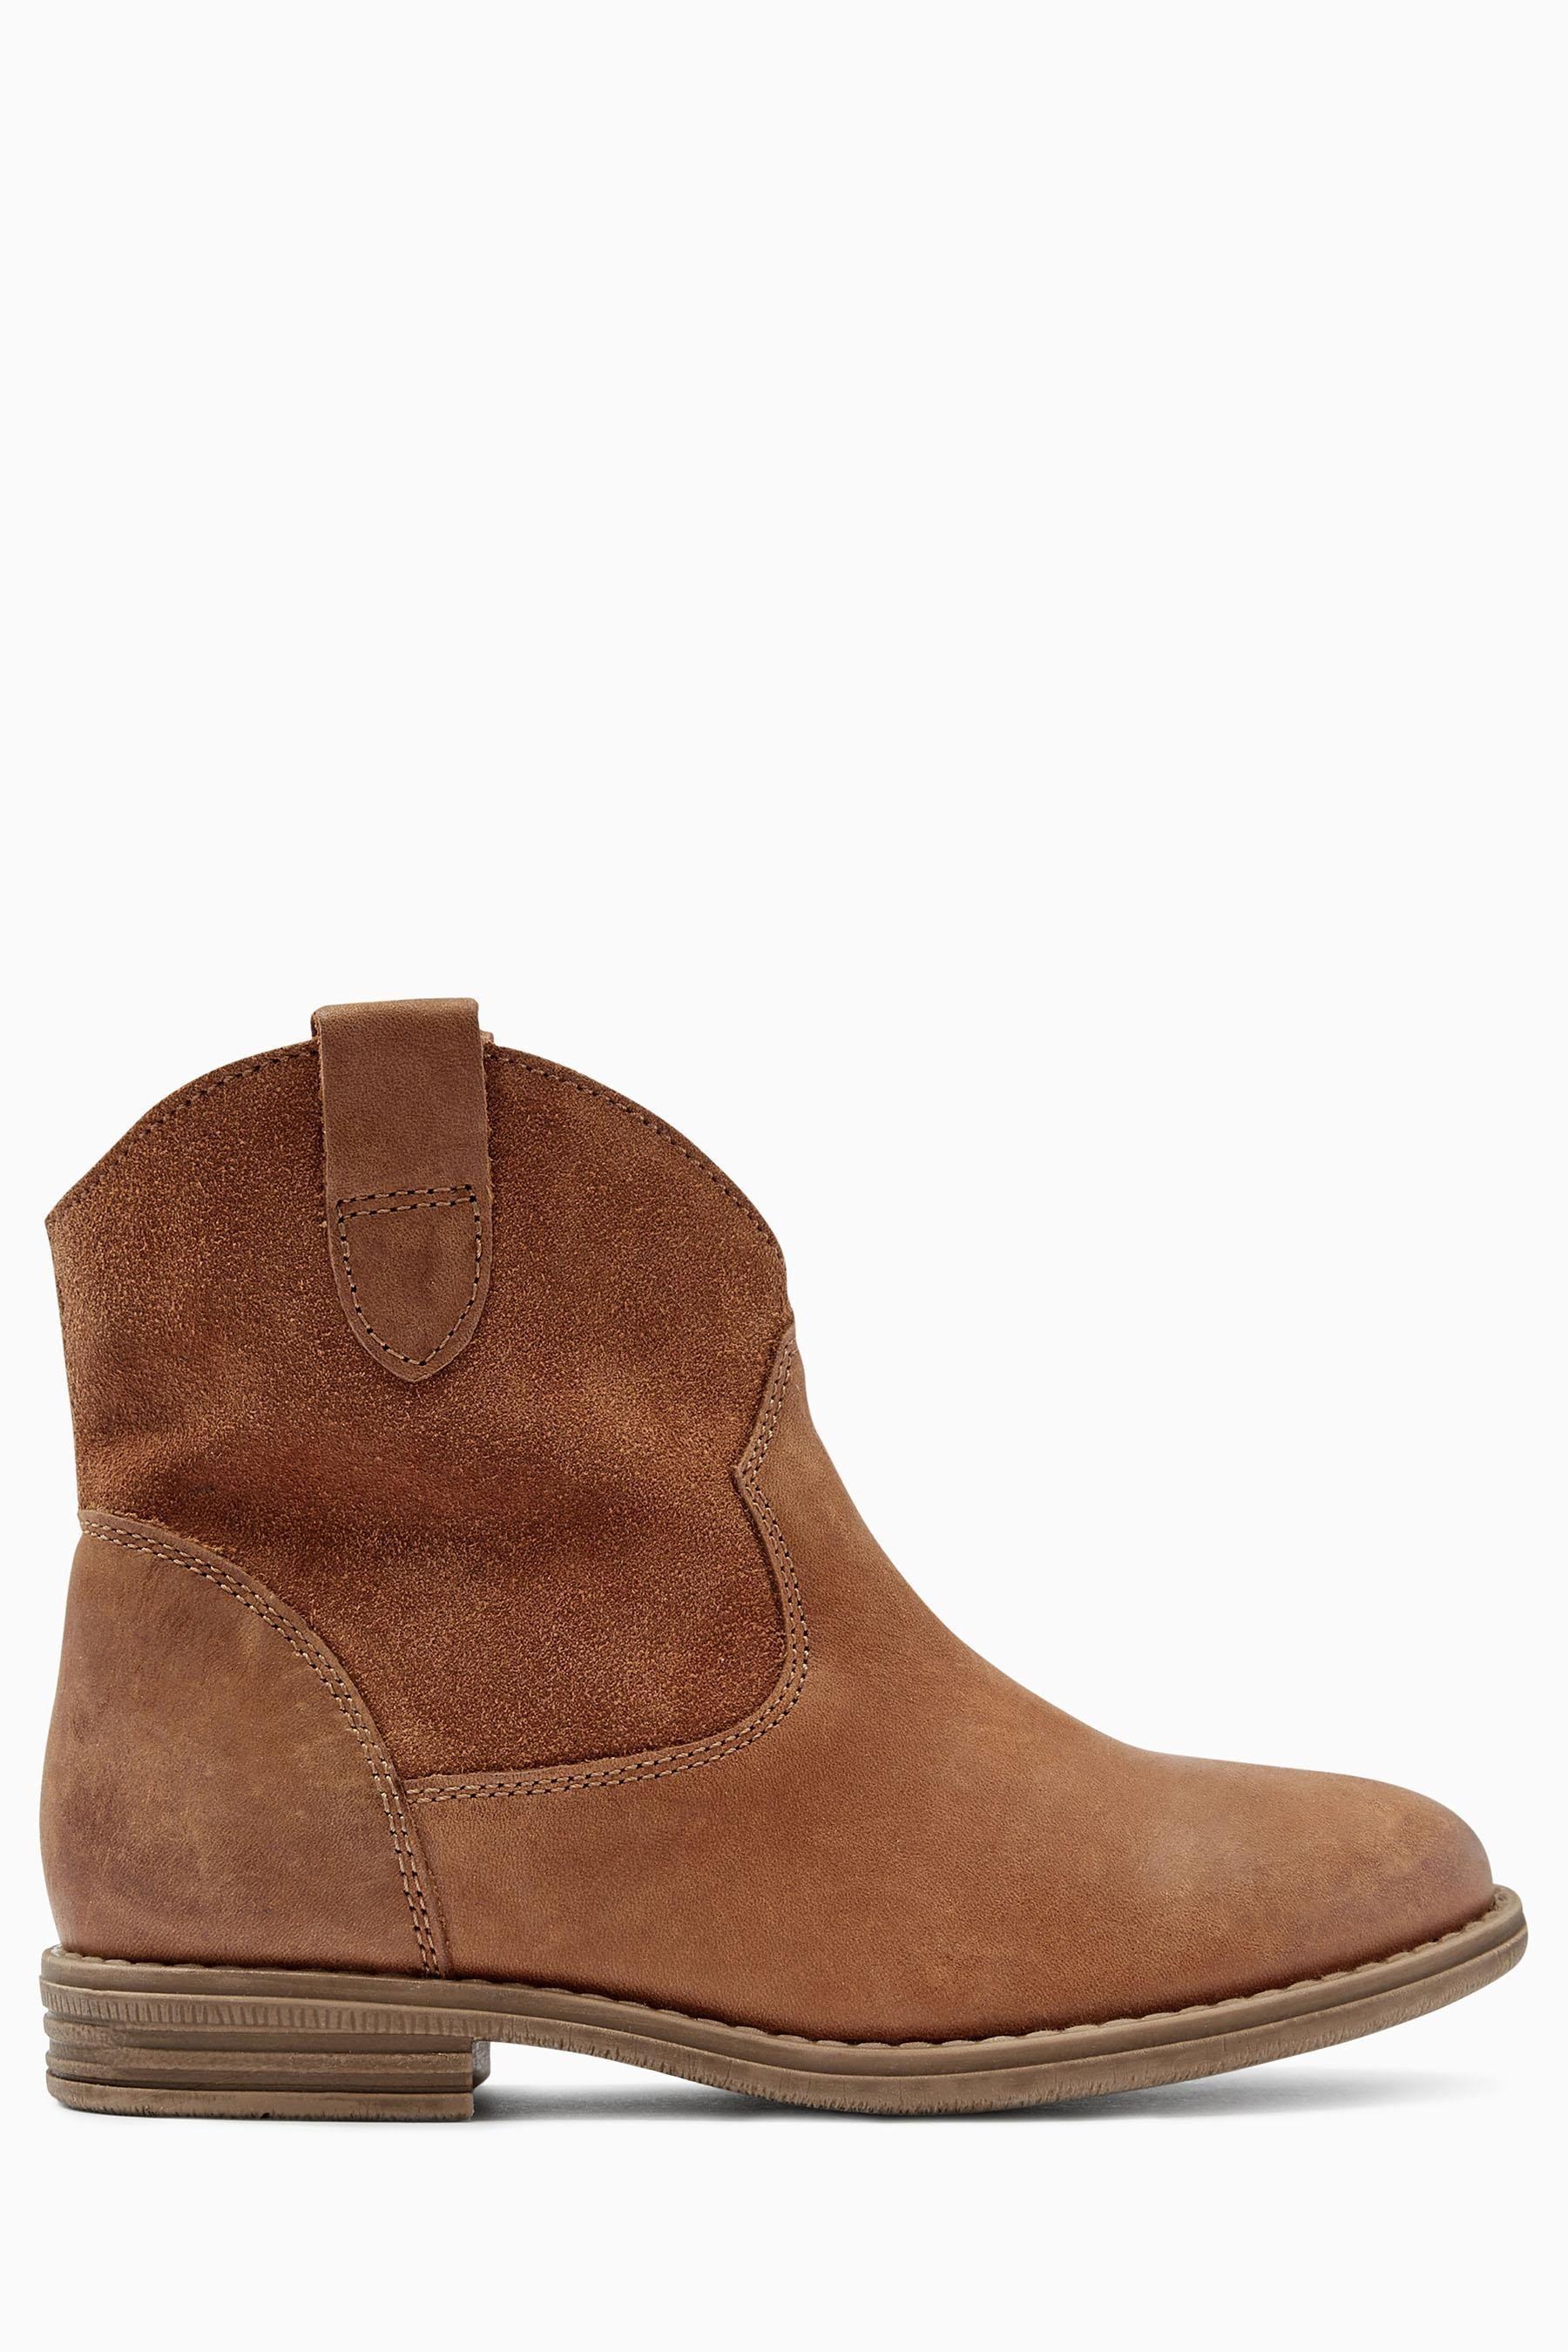 Kup Online Dzis W Next Polska Buty Kowbojki Starsze Dziewczynki Boots Western Boots Chelsea Boots